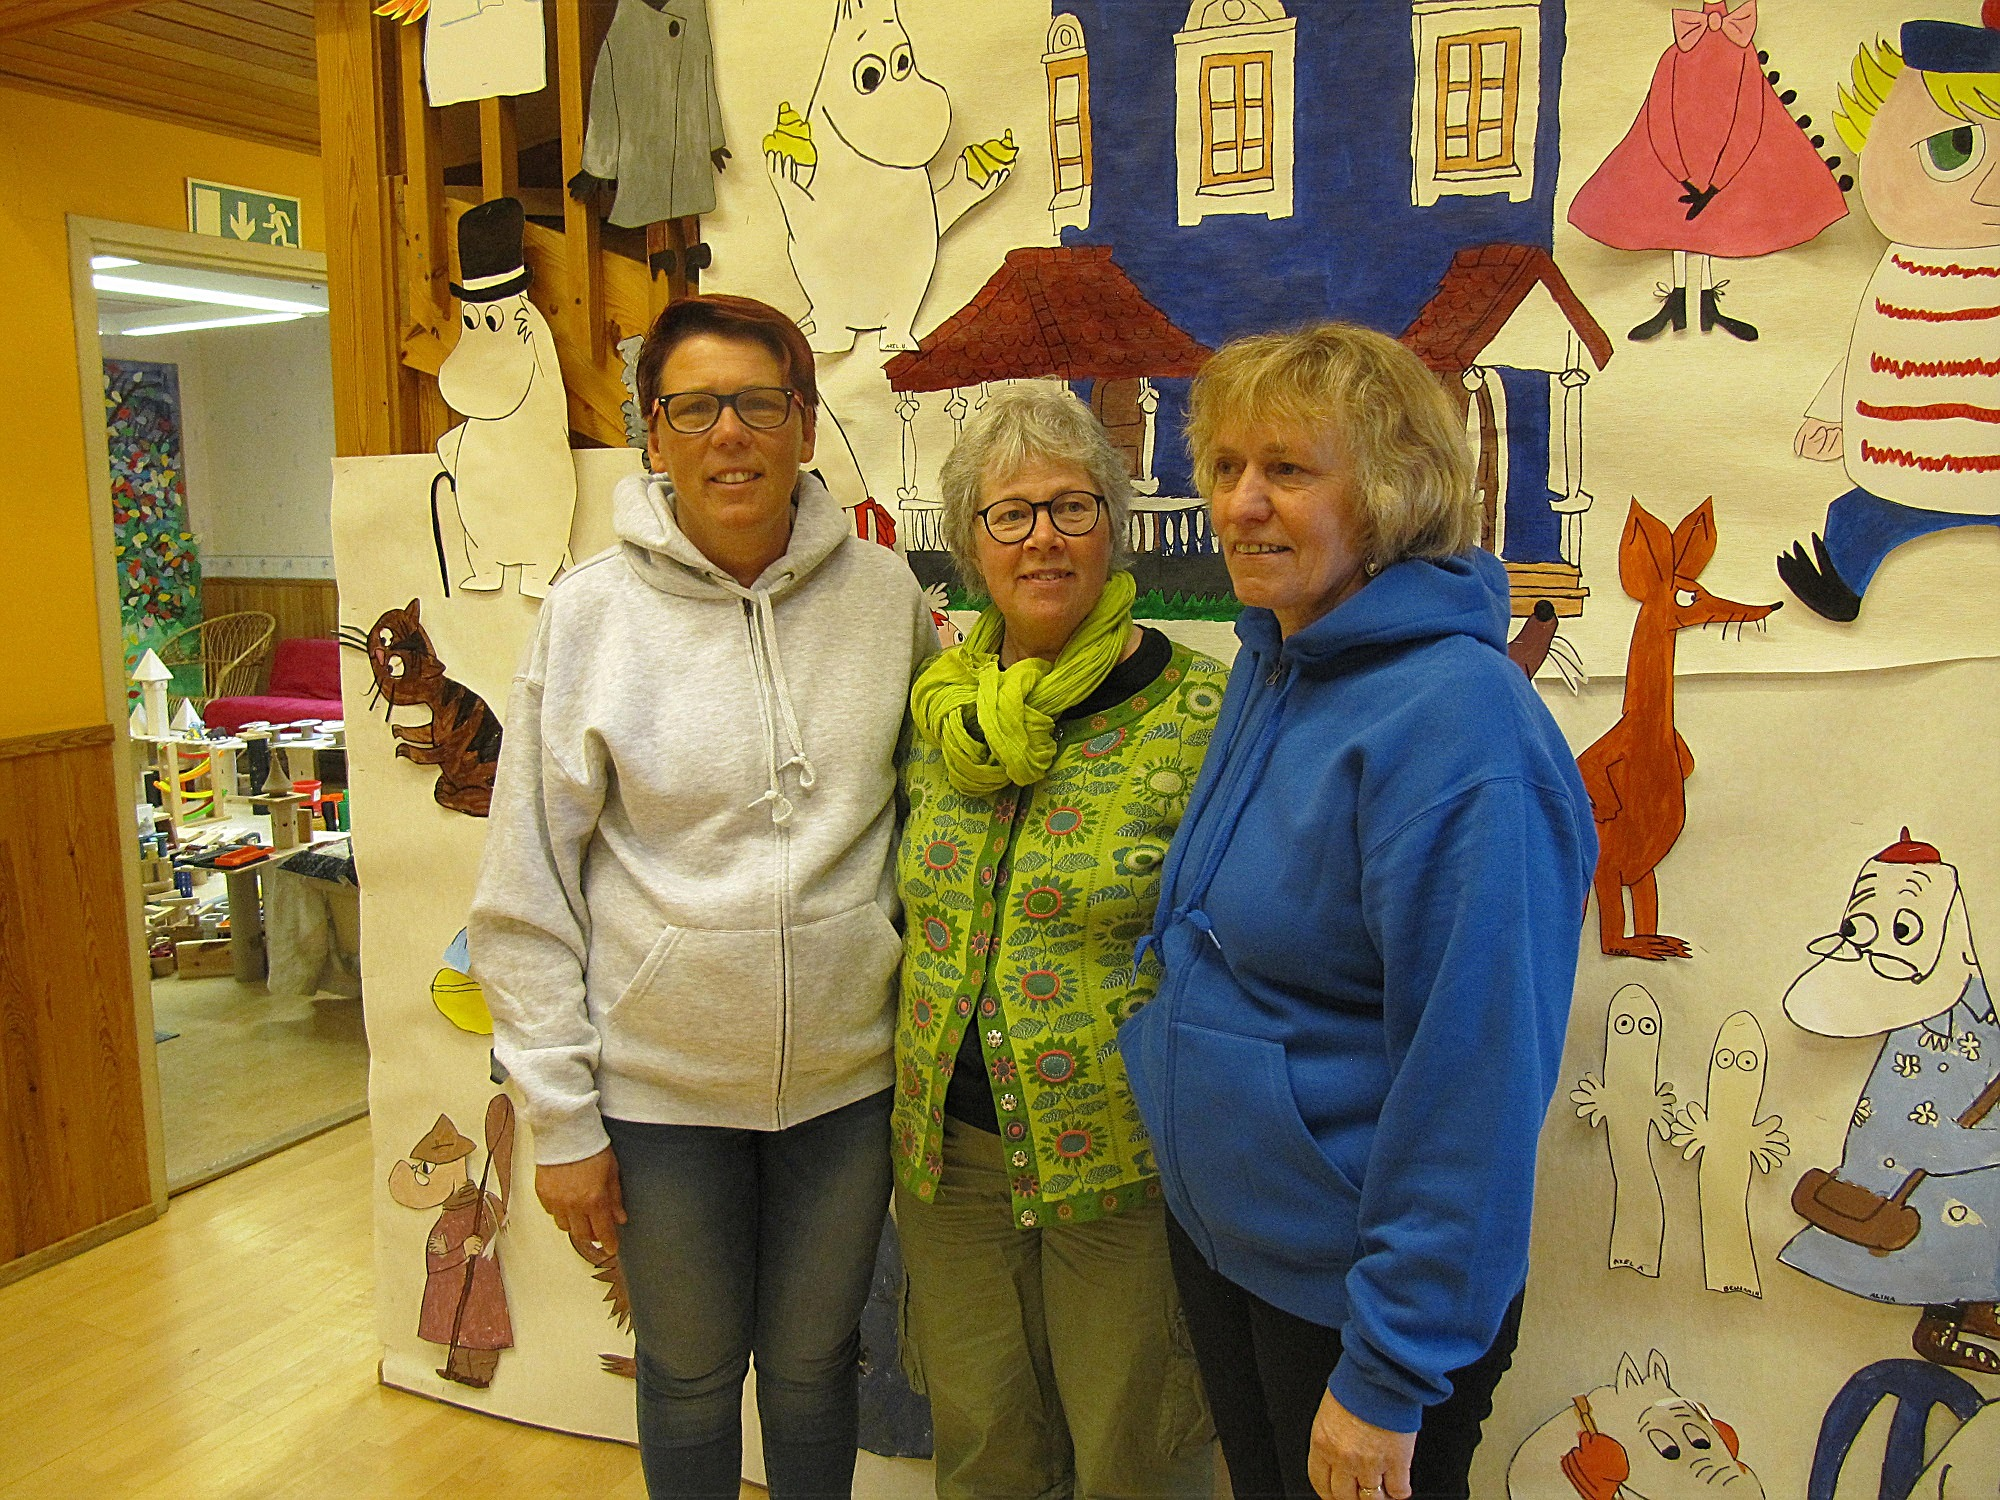 Trotjänare kan man nog kalla dessa damer. Susanne Leppänen till vänster har arbetat på dagis i 30 år, Mia Rosengård i mitten var föreståndare de första 22 åren och nuvarande föreståndare Anki Lillhannus började i Dagsmark redan på den gamla tiden, uppe på småskolans vind.